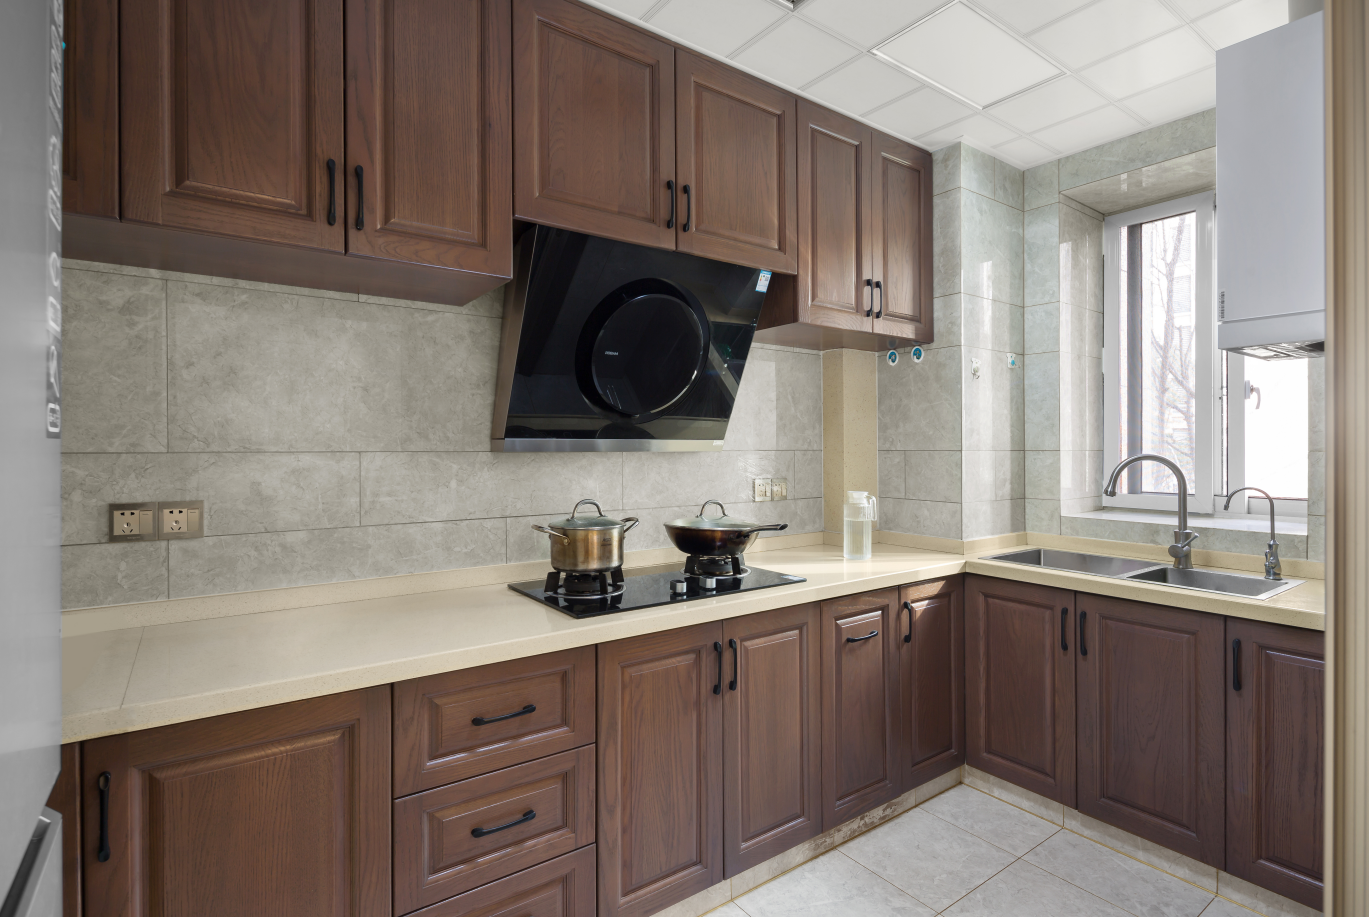 简约 三居 收纳 80后 厨房图片来自乐粉_20191031154048691在家.设计——回归的分享